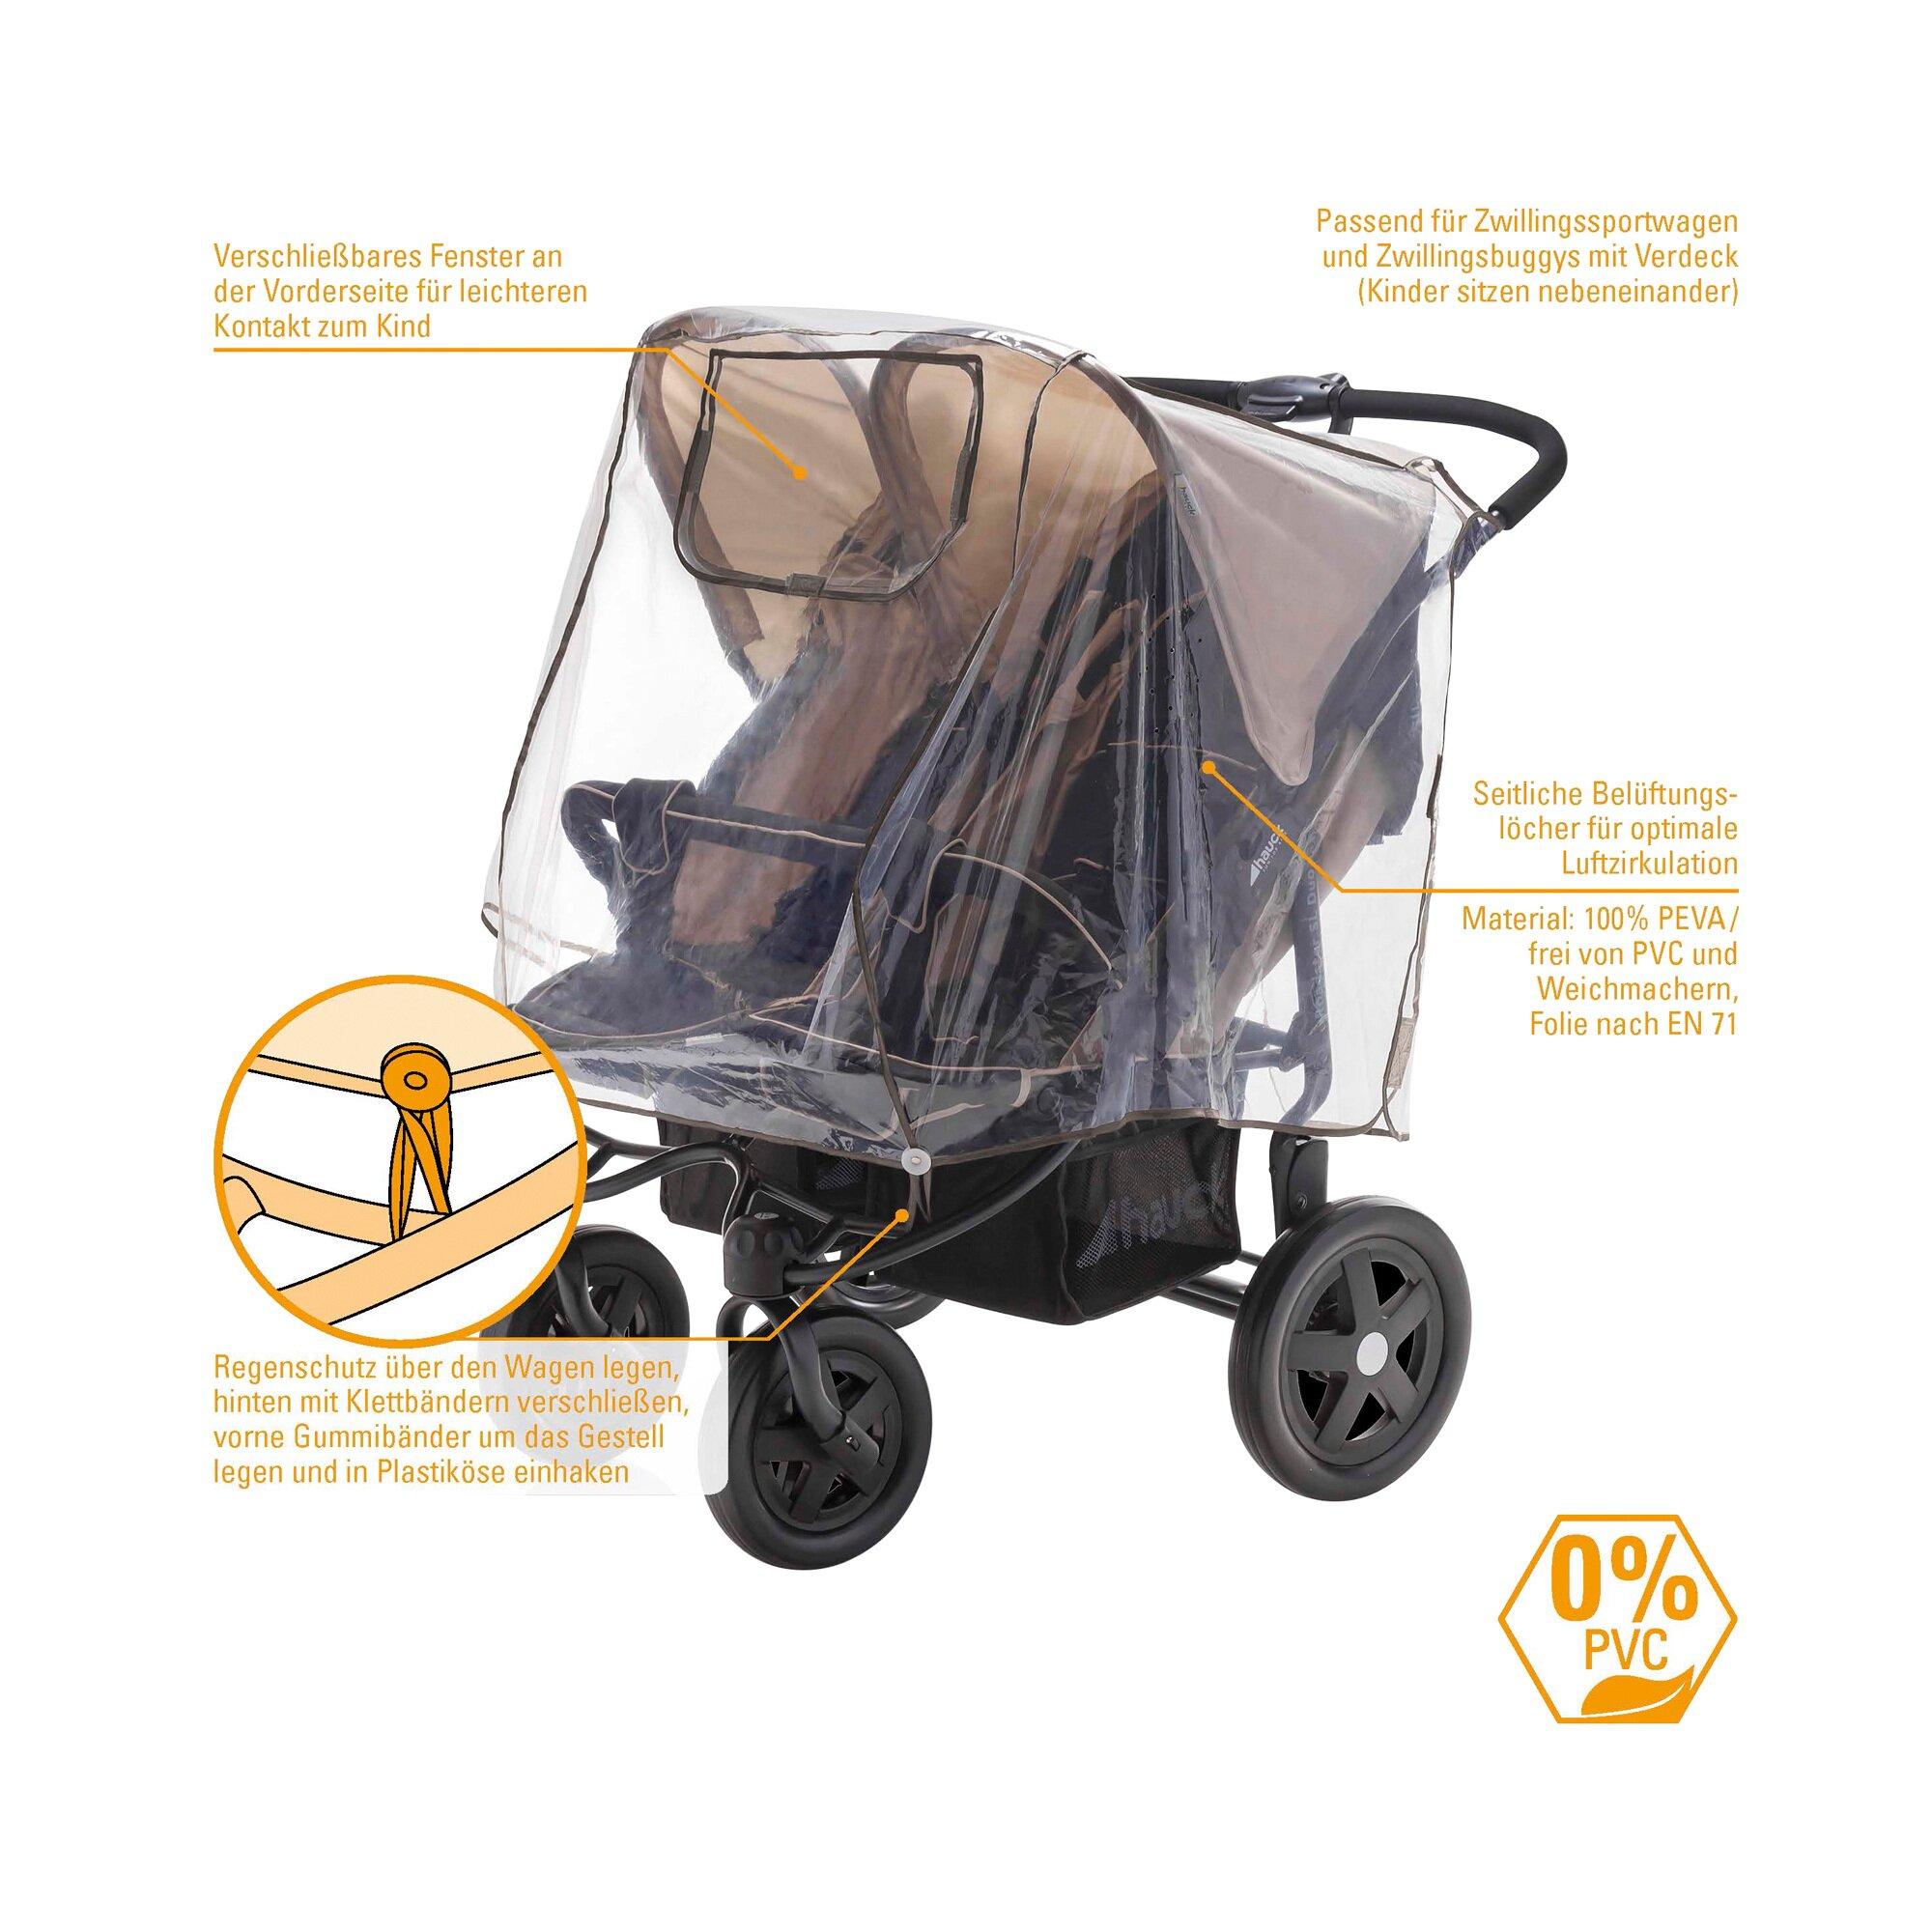 diago-regenschutz-fur-kinderwagen-zwillingswagen-transparent